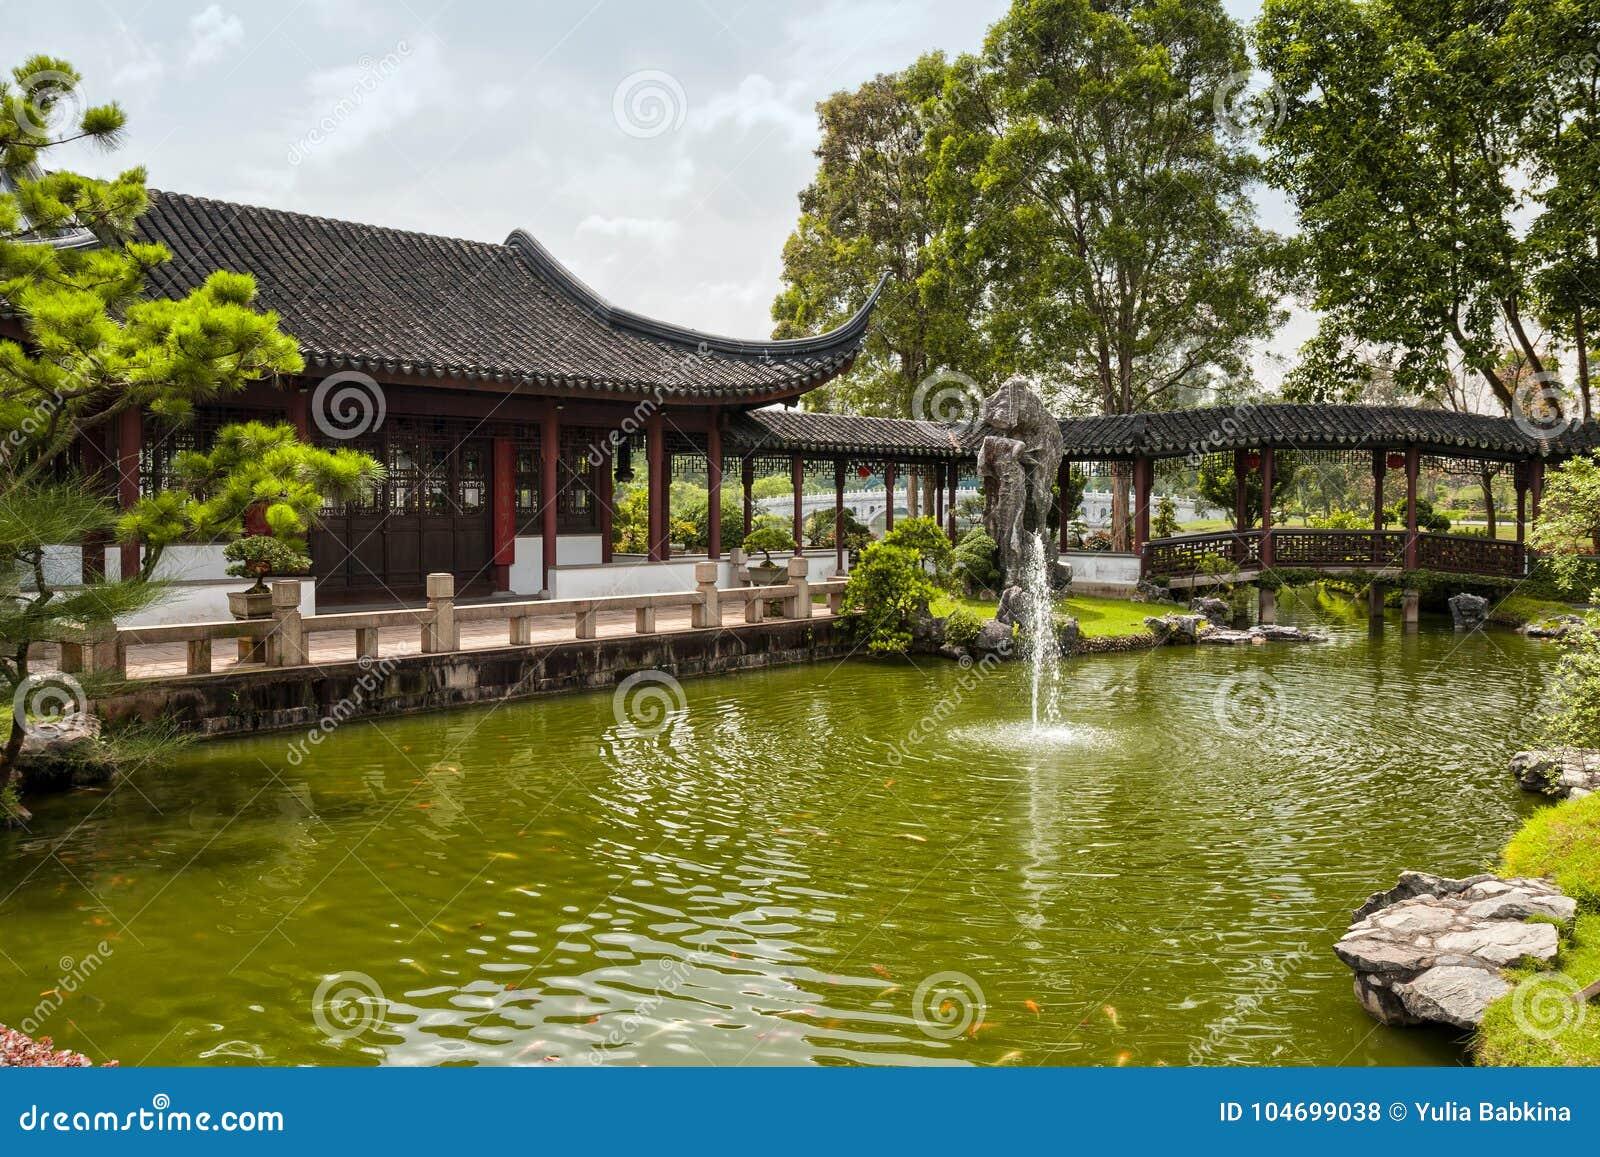 Chinesischer Garten In Singapur Stockfoto Bild Von Garten Teich